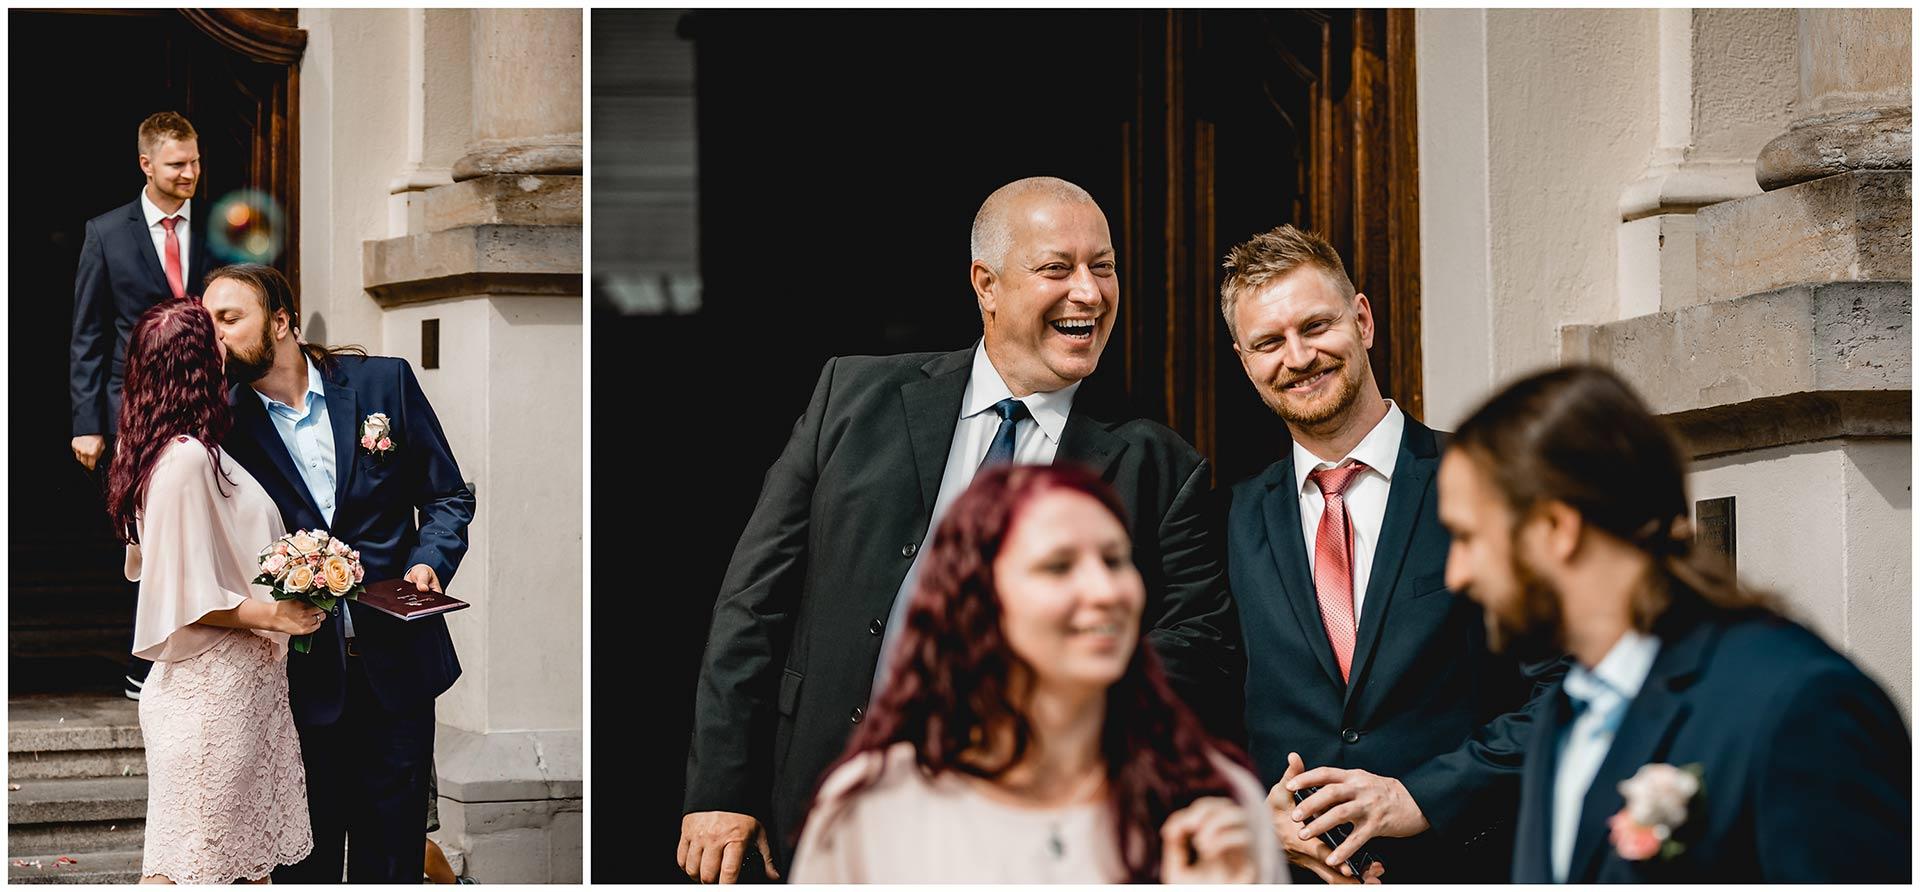 Braut küsst Bräutigam, Hochzeitsgäste lachen hinter dem Brautpaar - Hochzeitsfotograf in Teterow